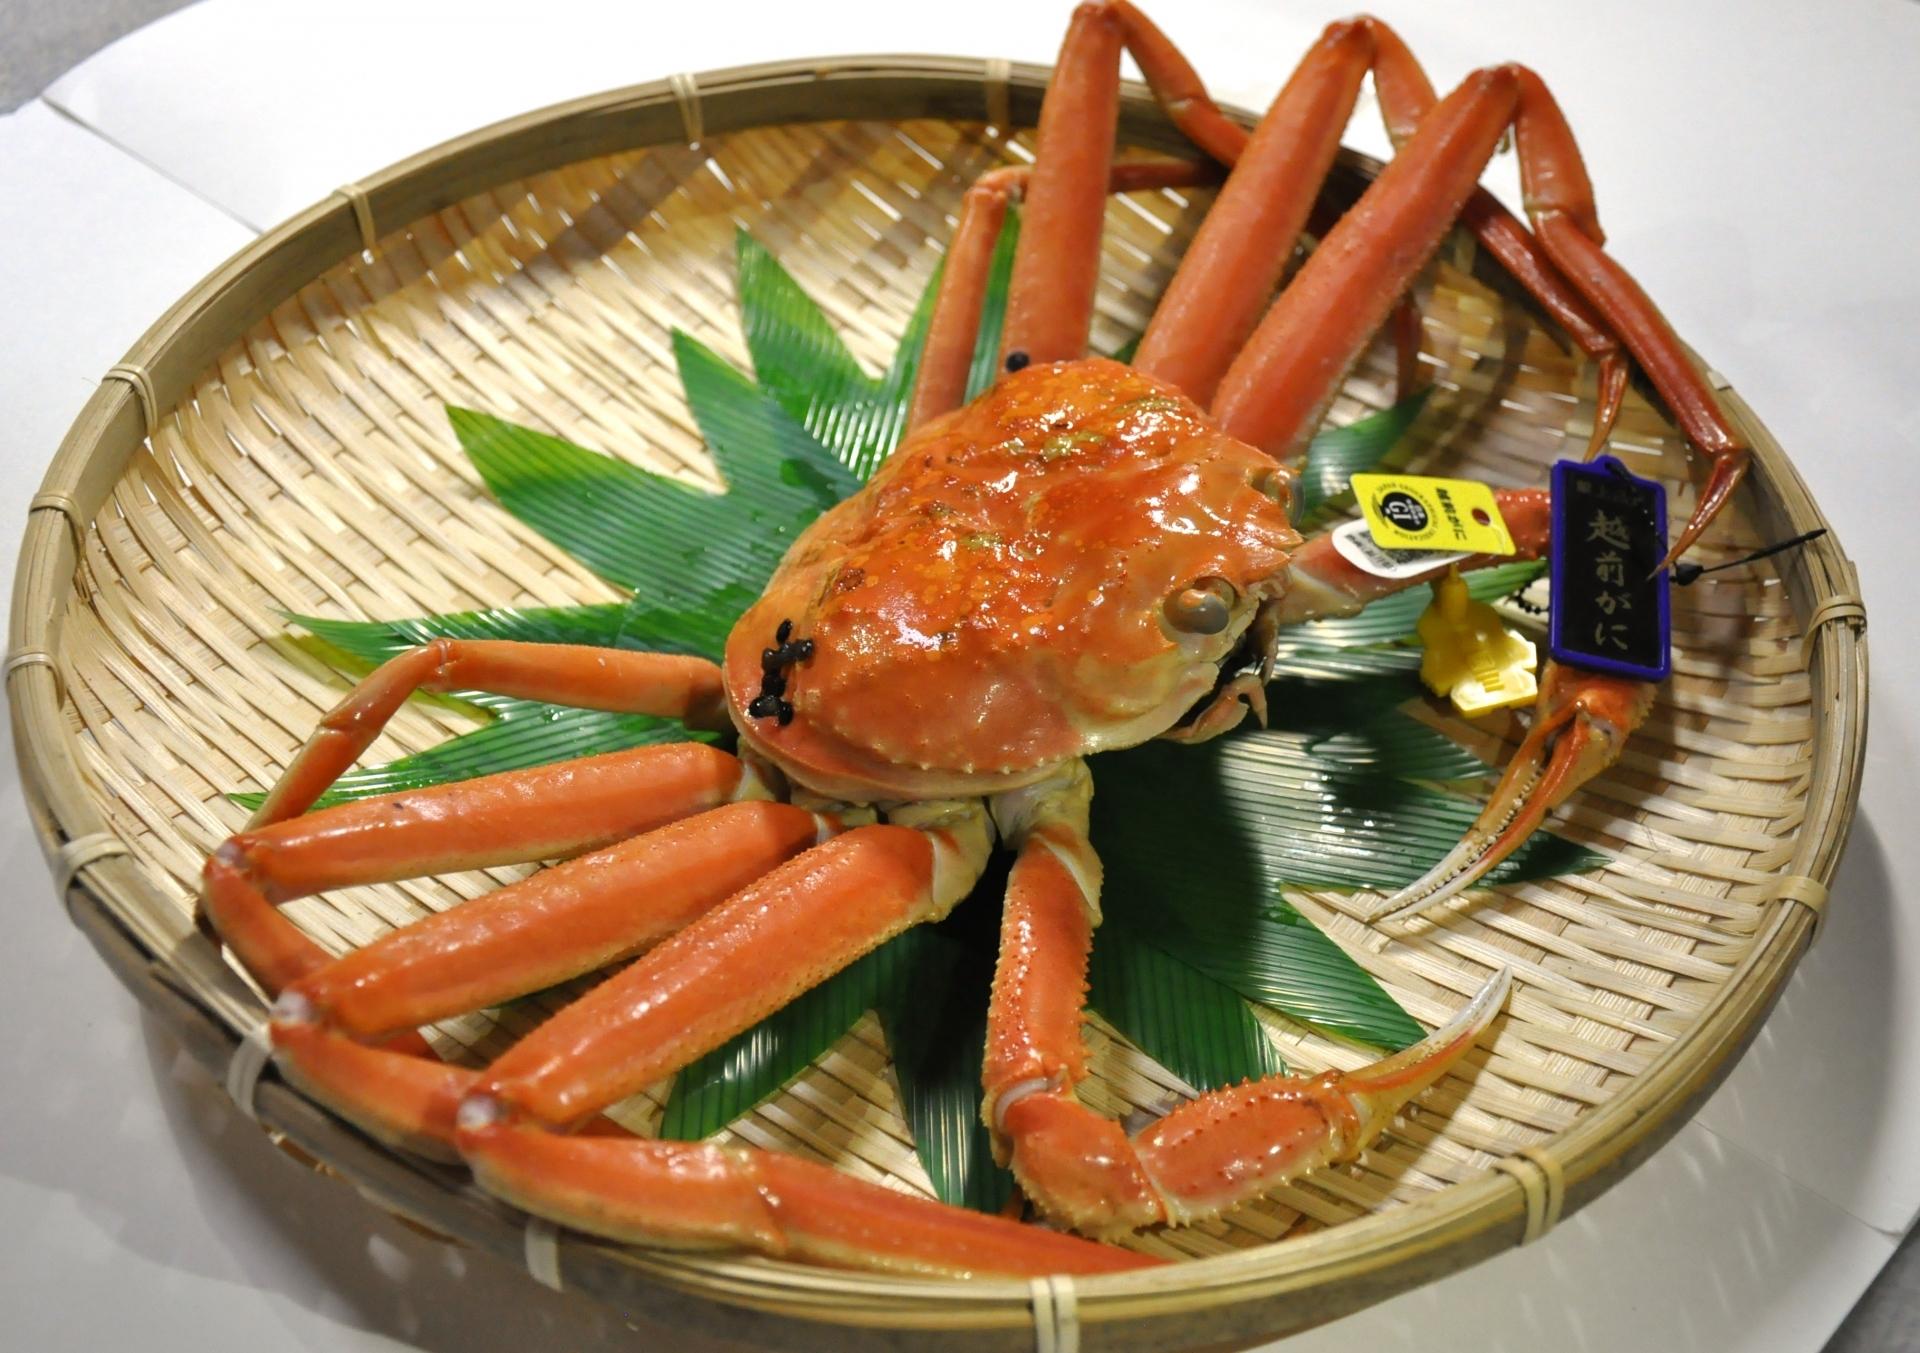 冬の福井観光で食べたい絶品グルメ15選!越前ガニなどの名物をご紹介!